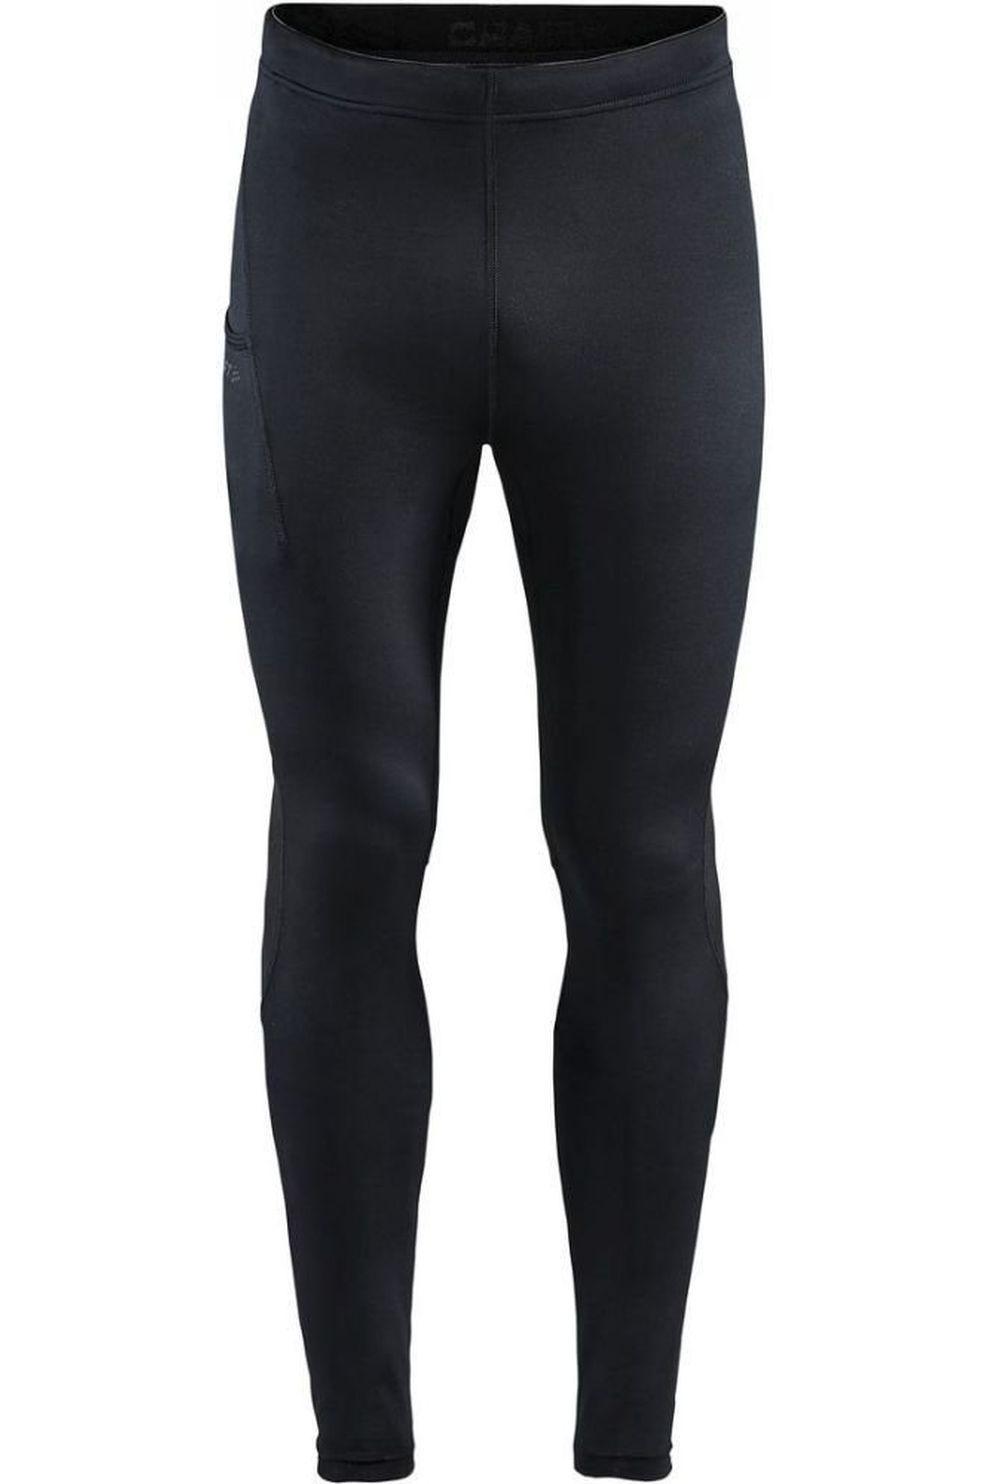 Craft Legging Adv Essence Tights M voor heren - Zwart - Maten: S, M, L, XL, XXL